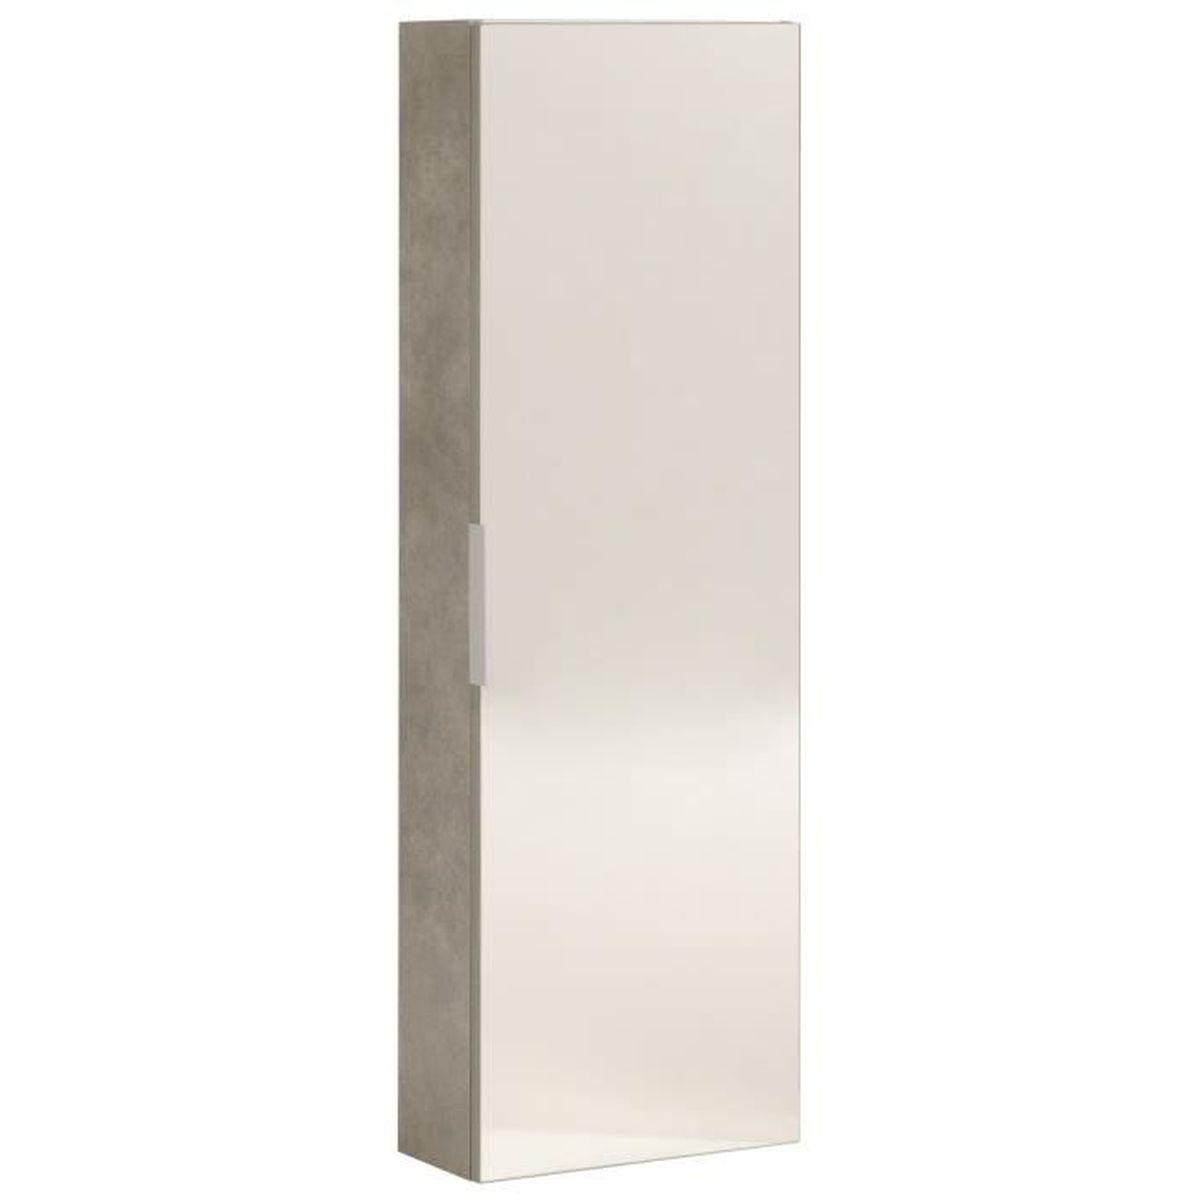 Colonne salle de bain ikea luna colonne de salle bain cm for Ikea colonne salle de bain